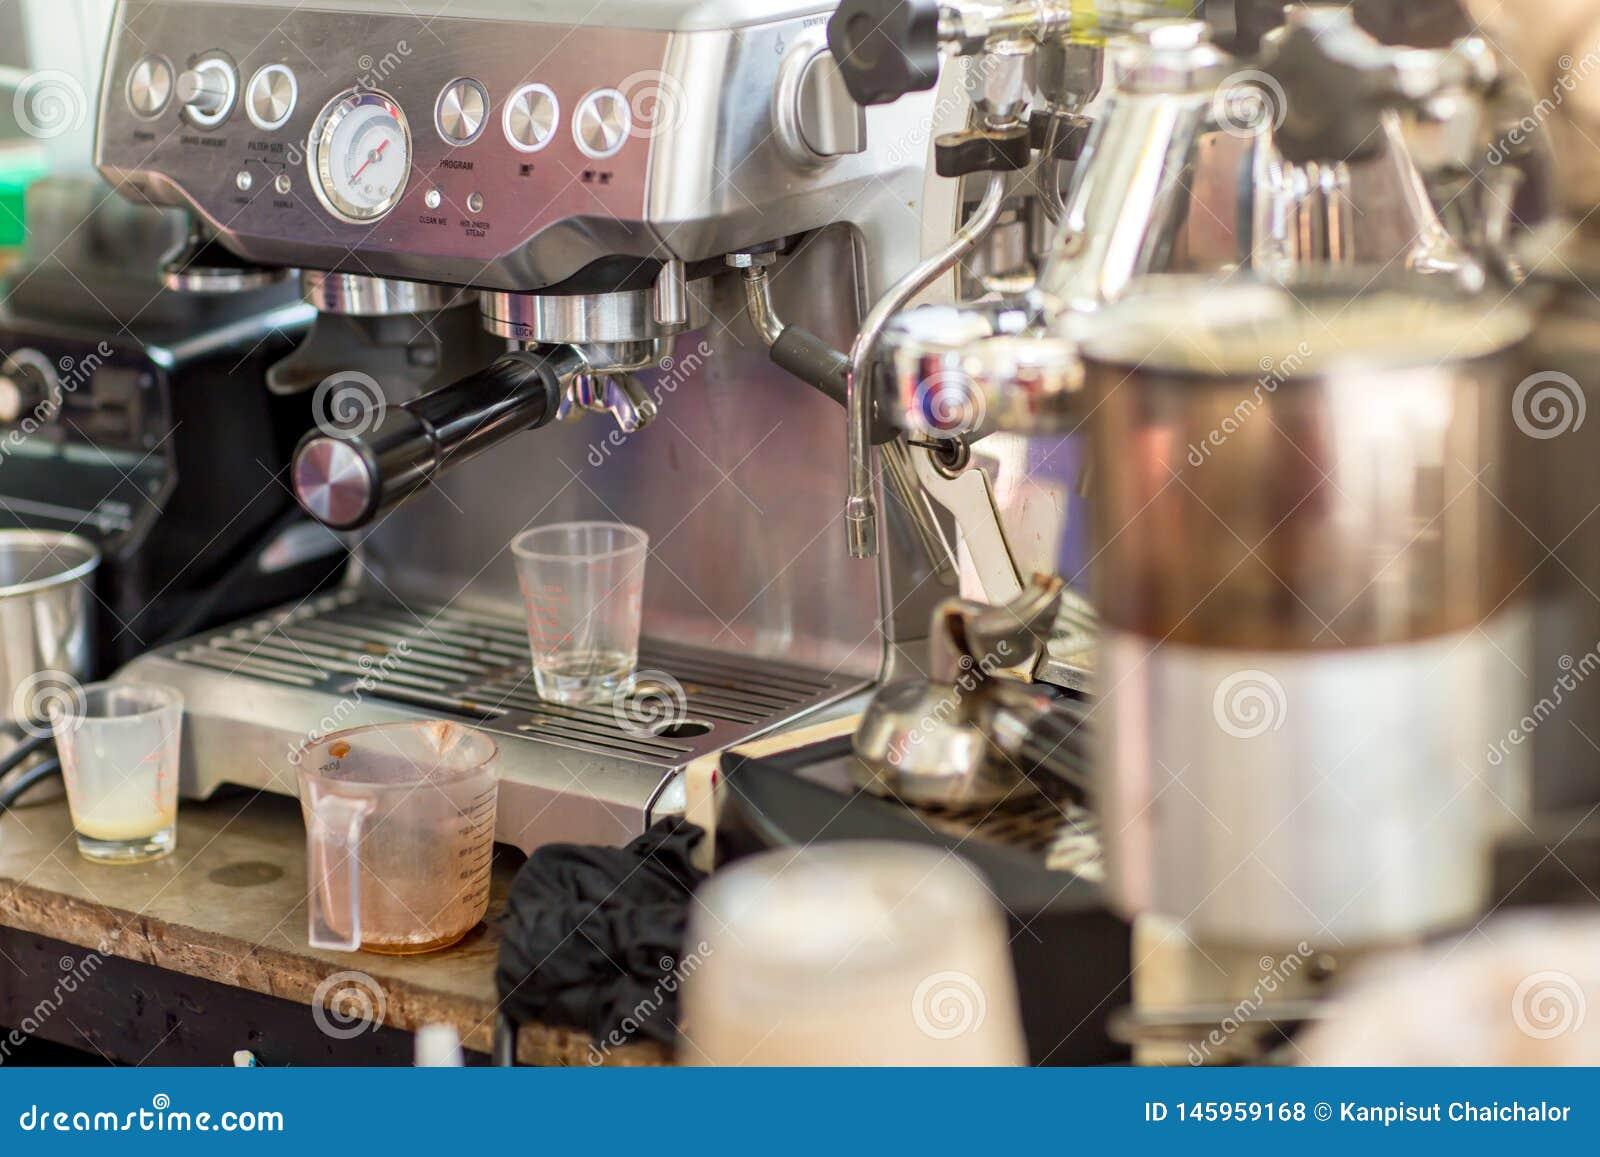 Macchina del caffè pronta a compensare una tazza di caffè espresso in caffè macchina del caffè che fa una tazza di caffè in risto